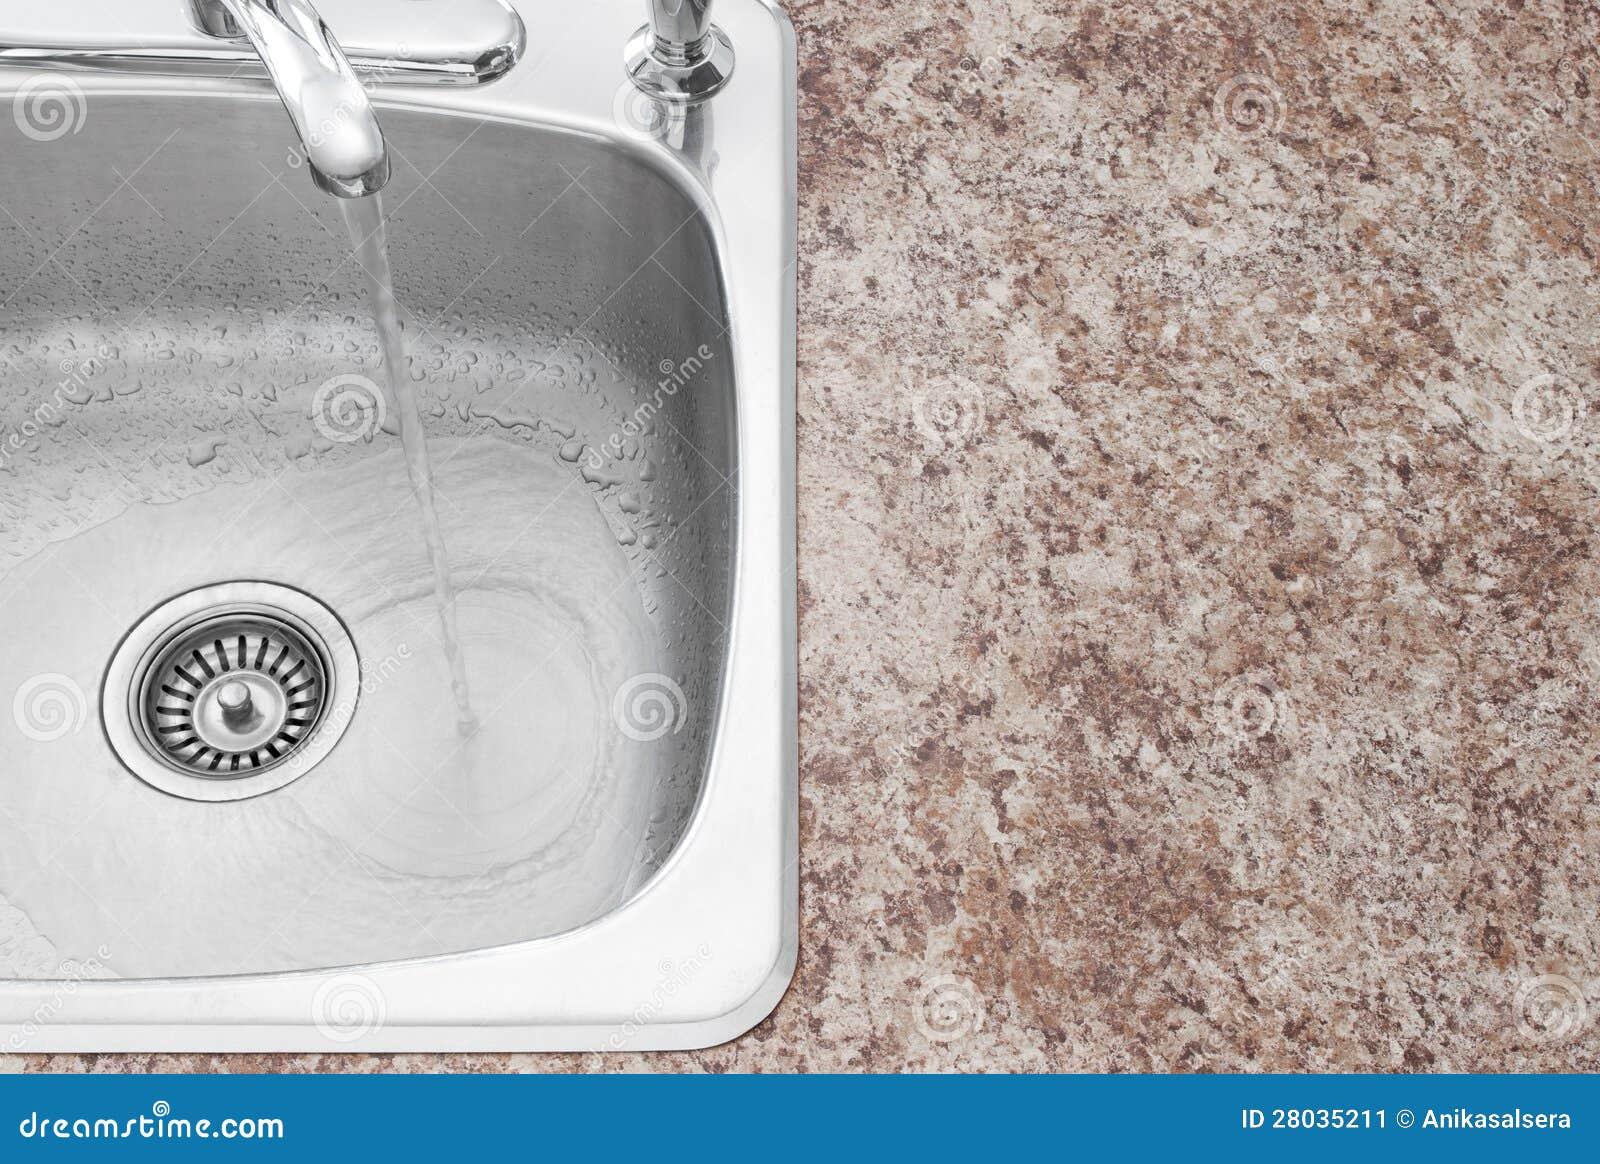 Bassin de cuisine, robinet et détail de partie supérieure du comptoir